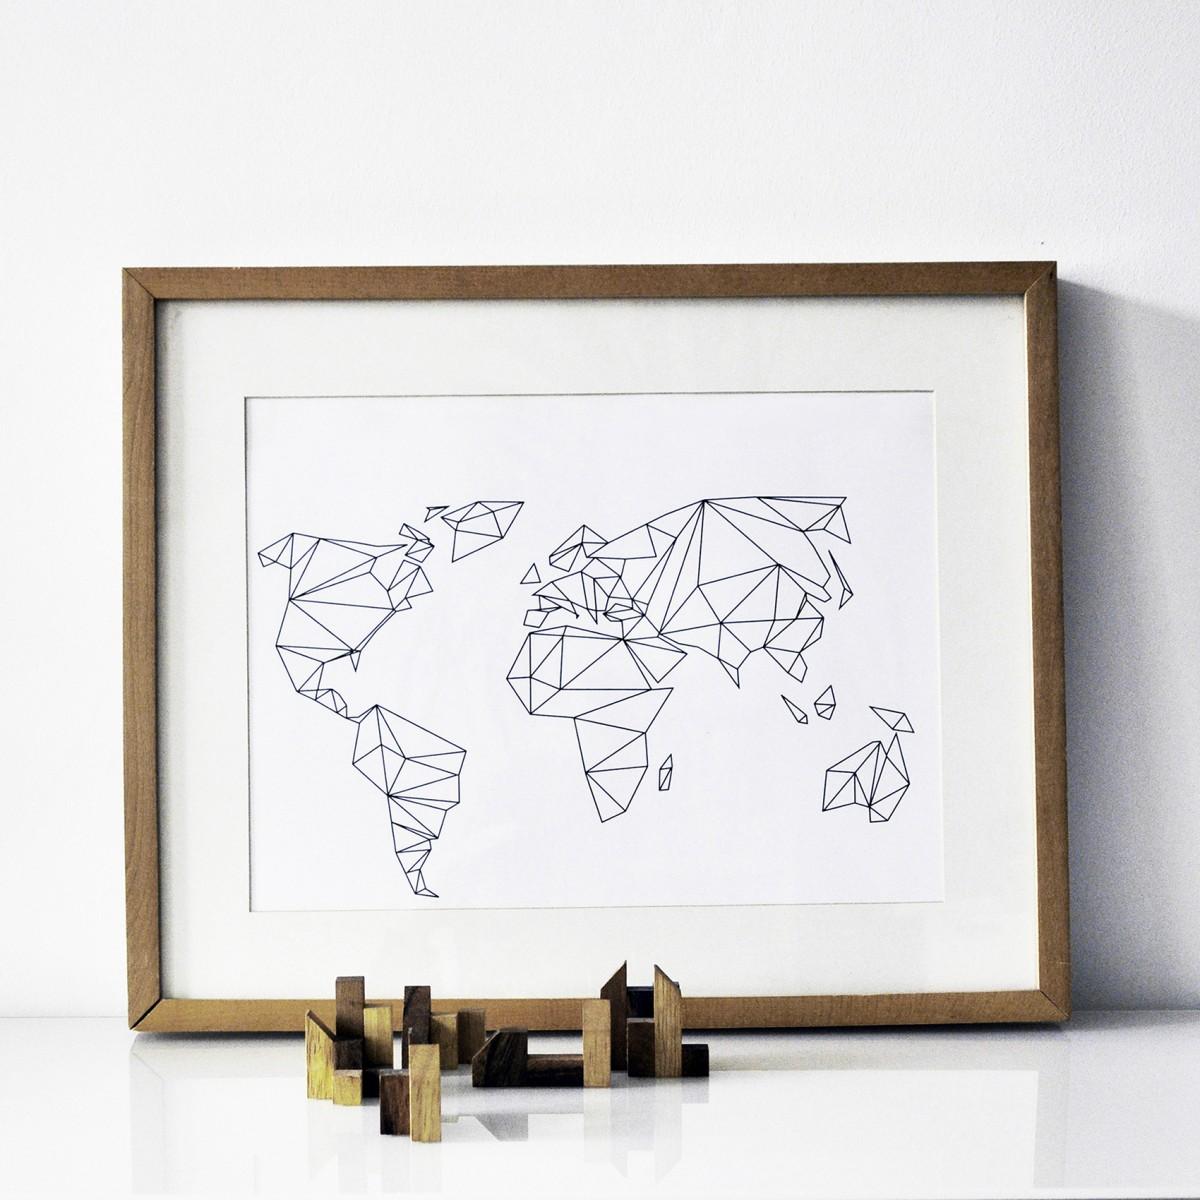 na.hili A4 Print Geometrical World